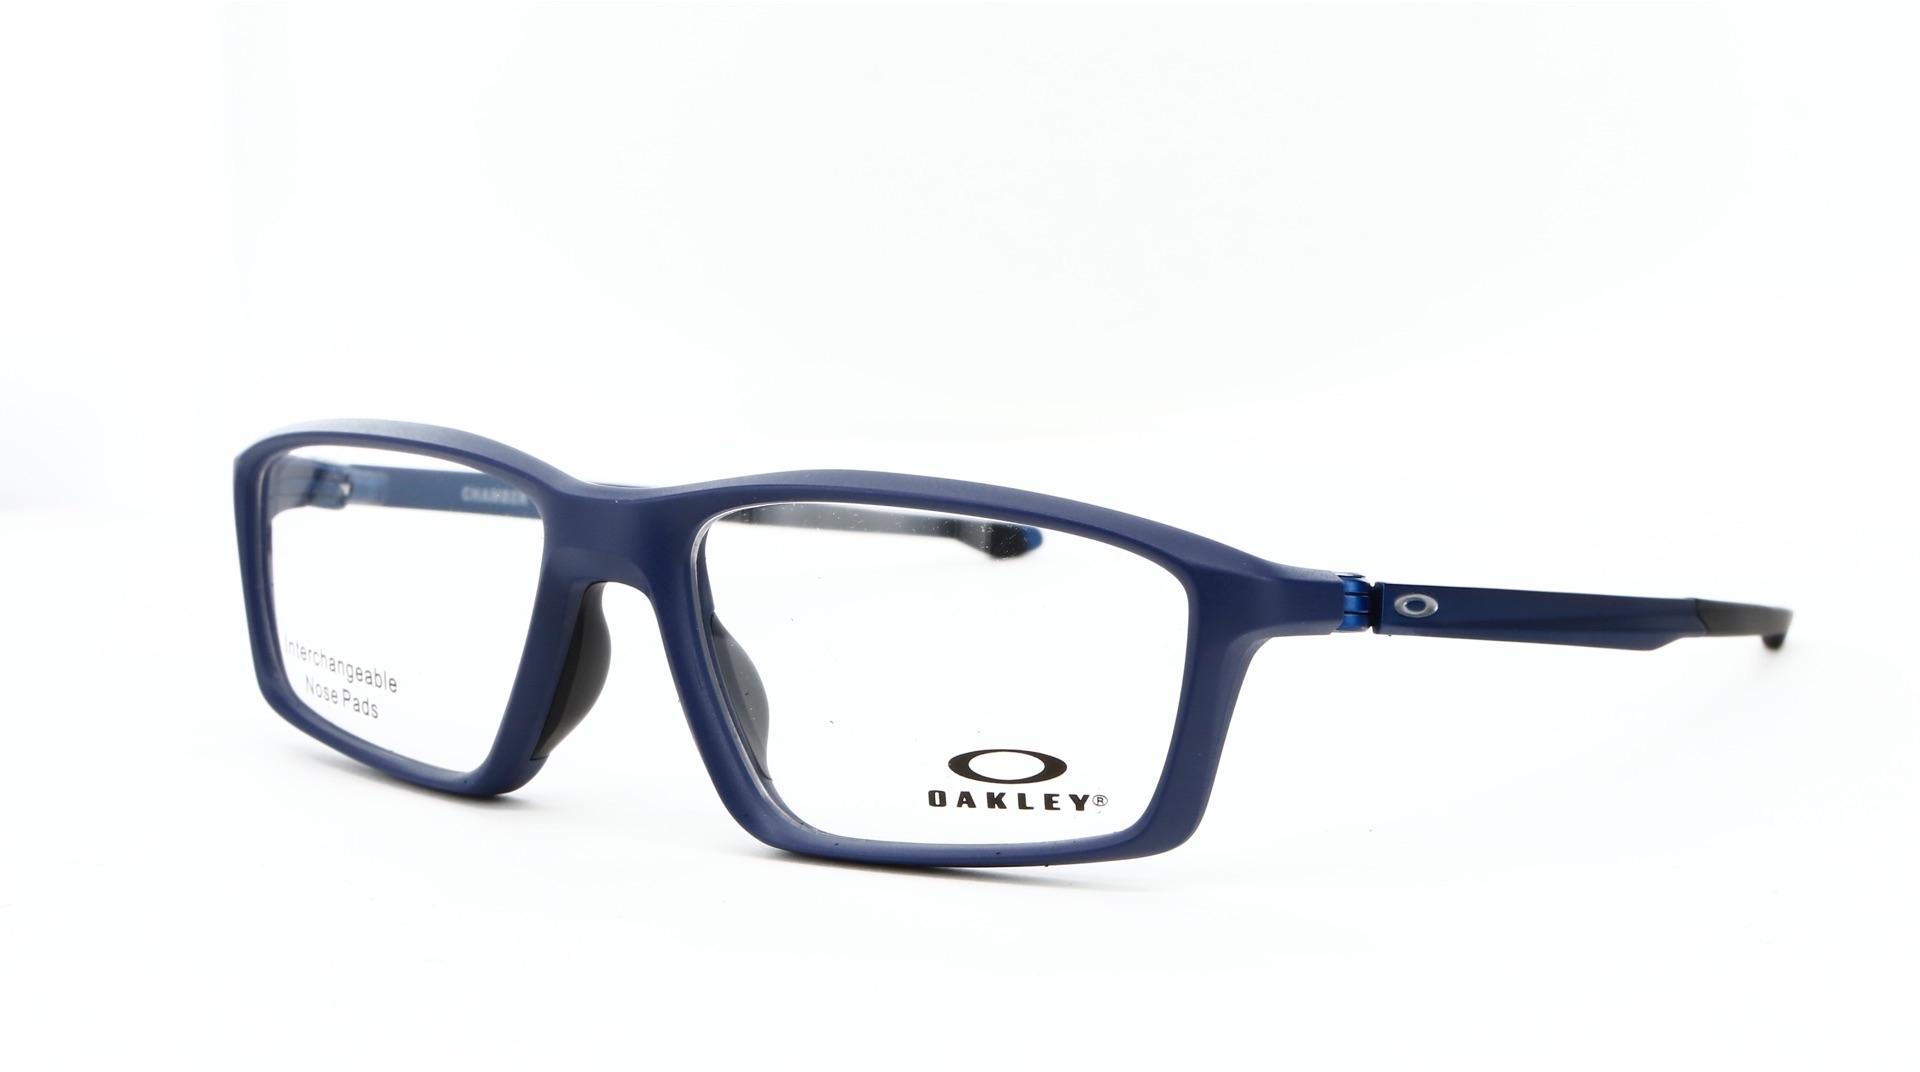 Oakley - ref: 80723